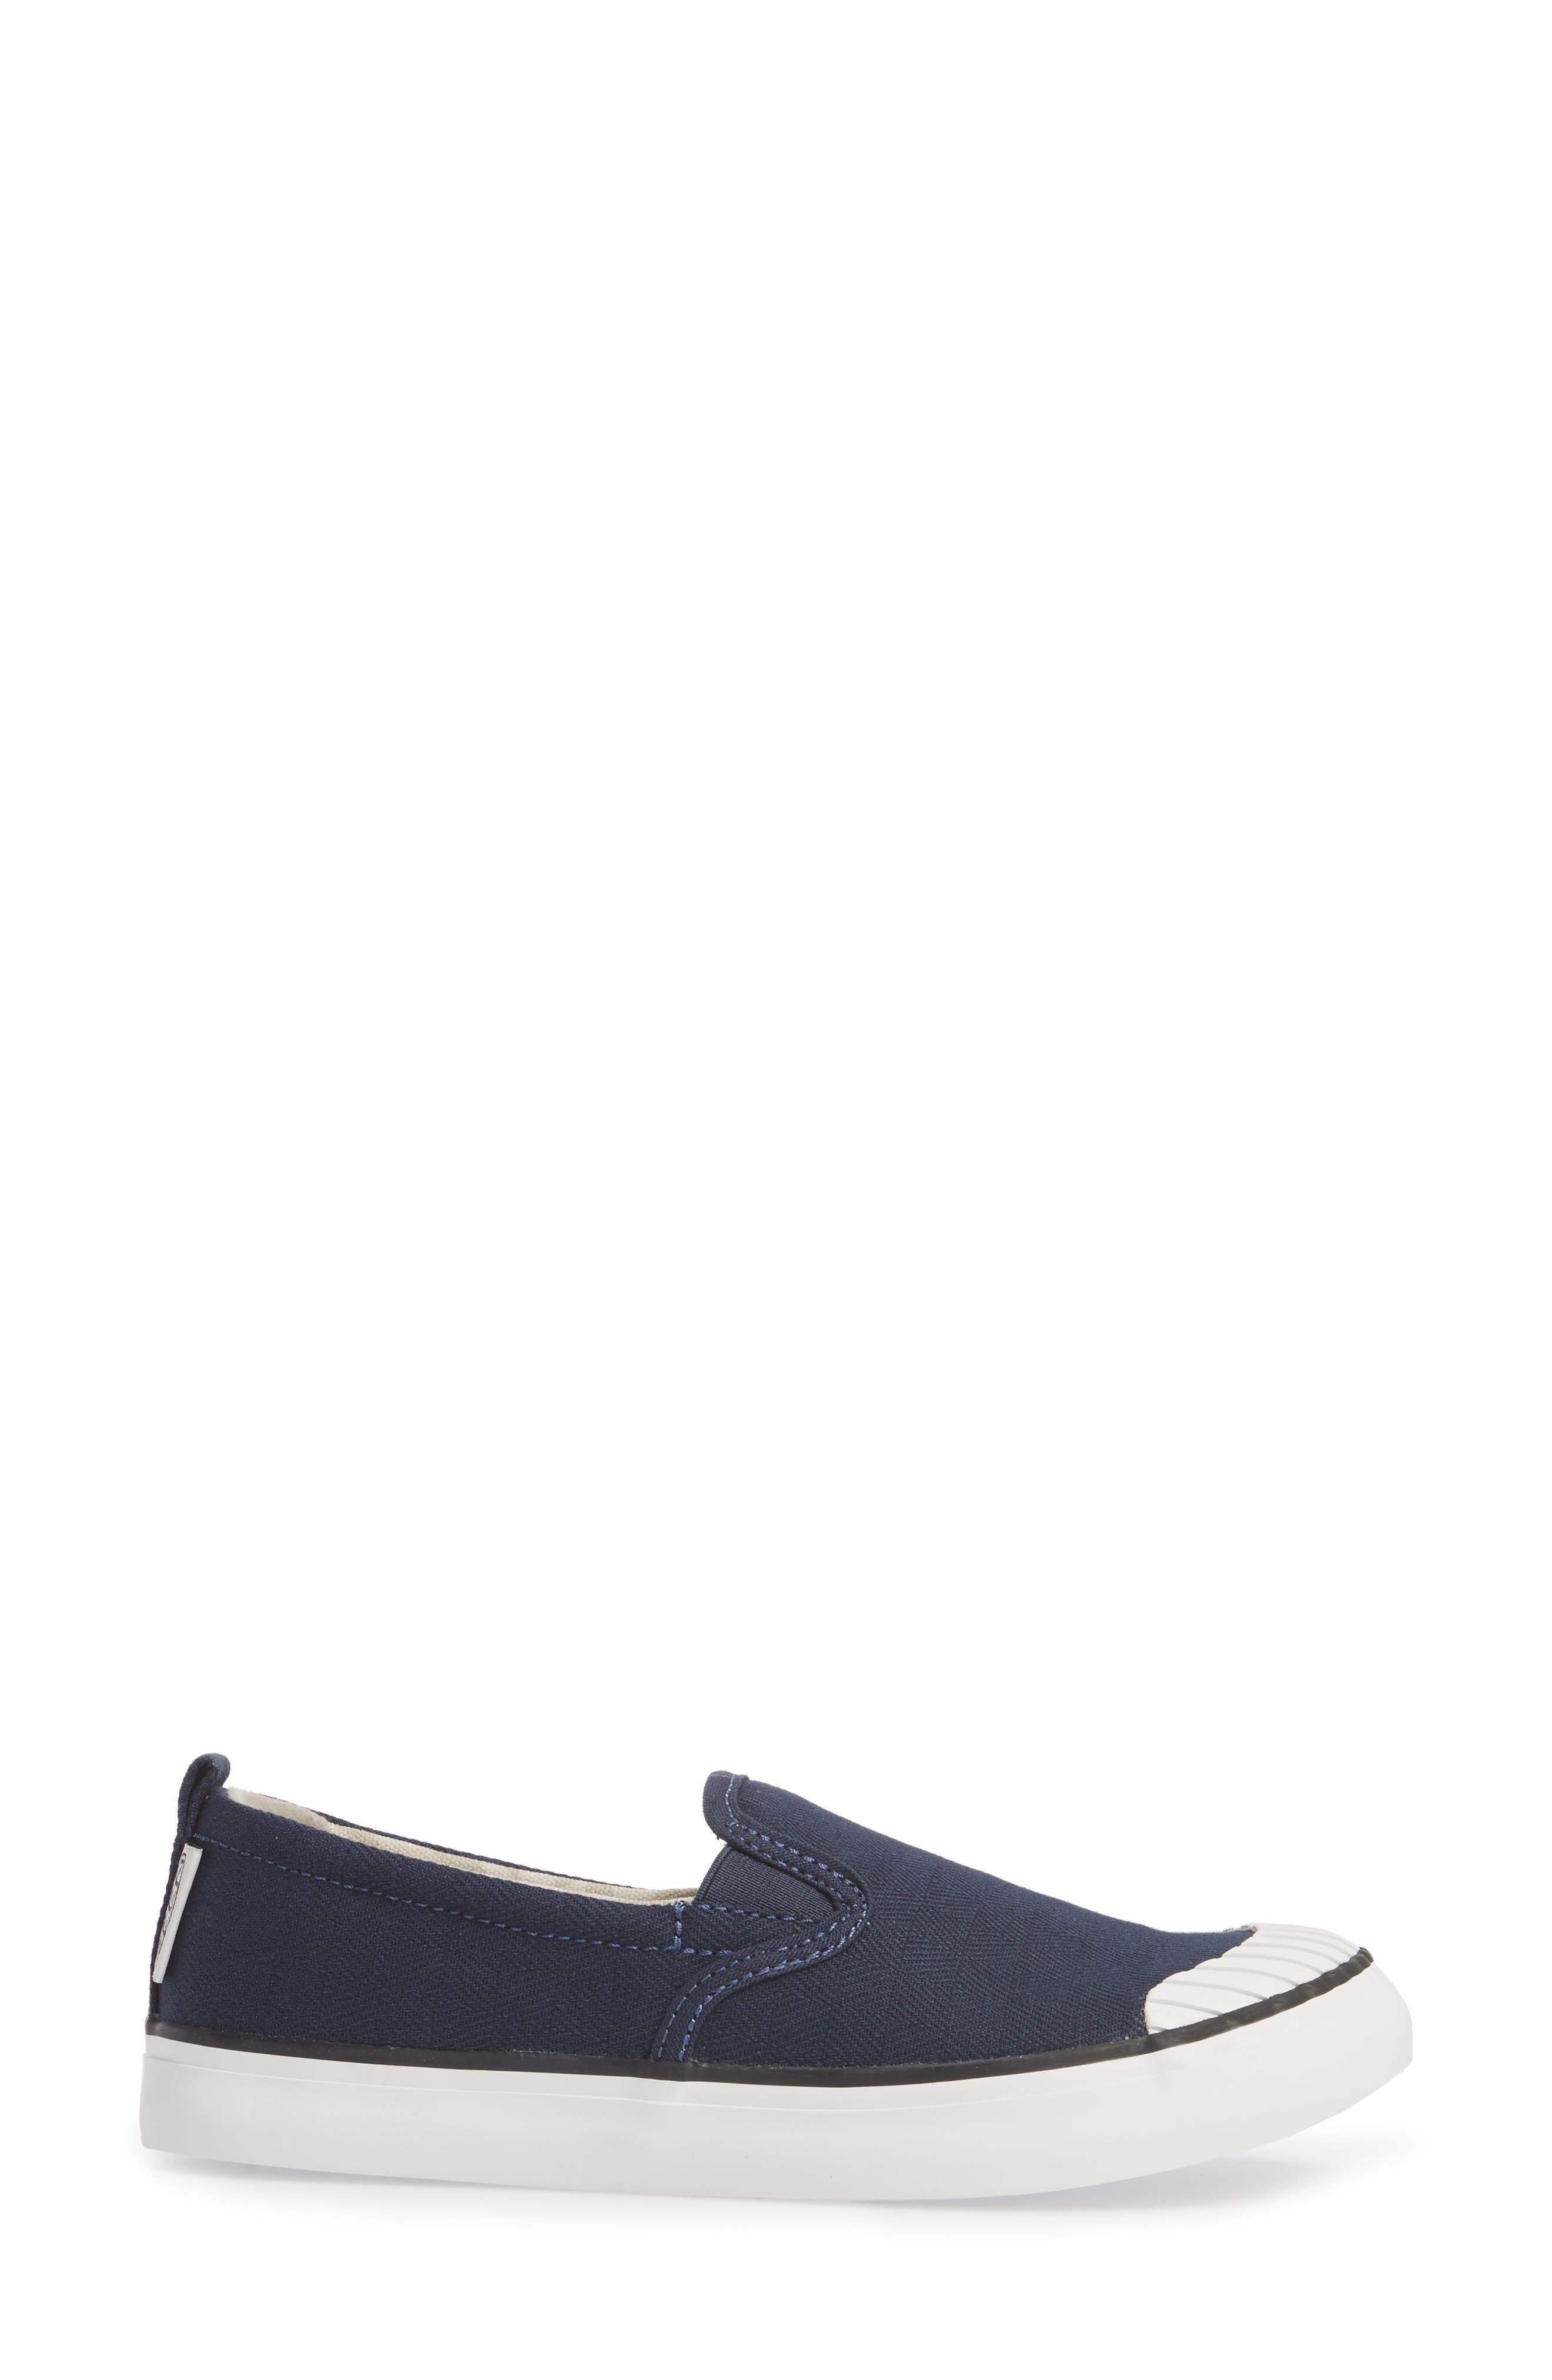 Alternate Image 3  - Keen Elsa Slip-On Sneaker (Women)